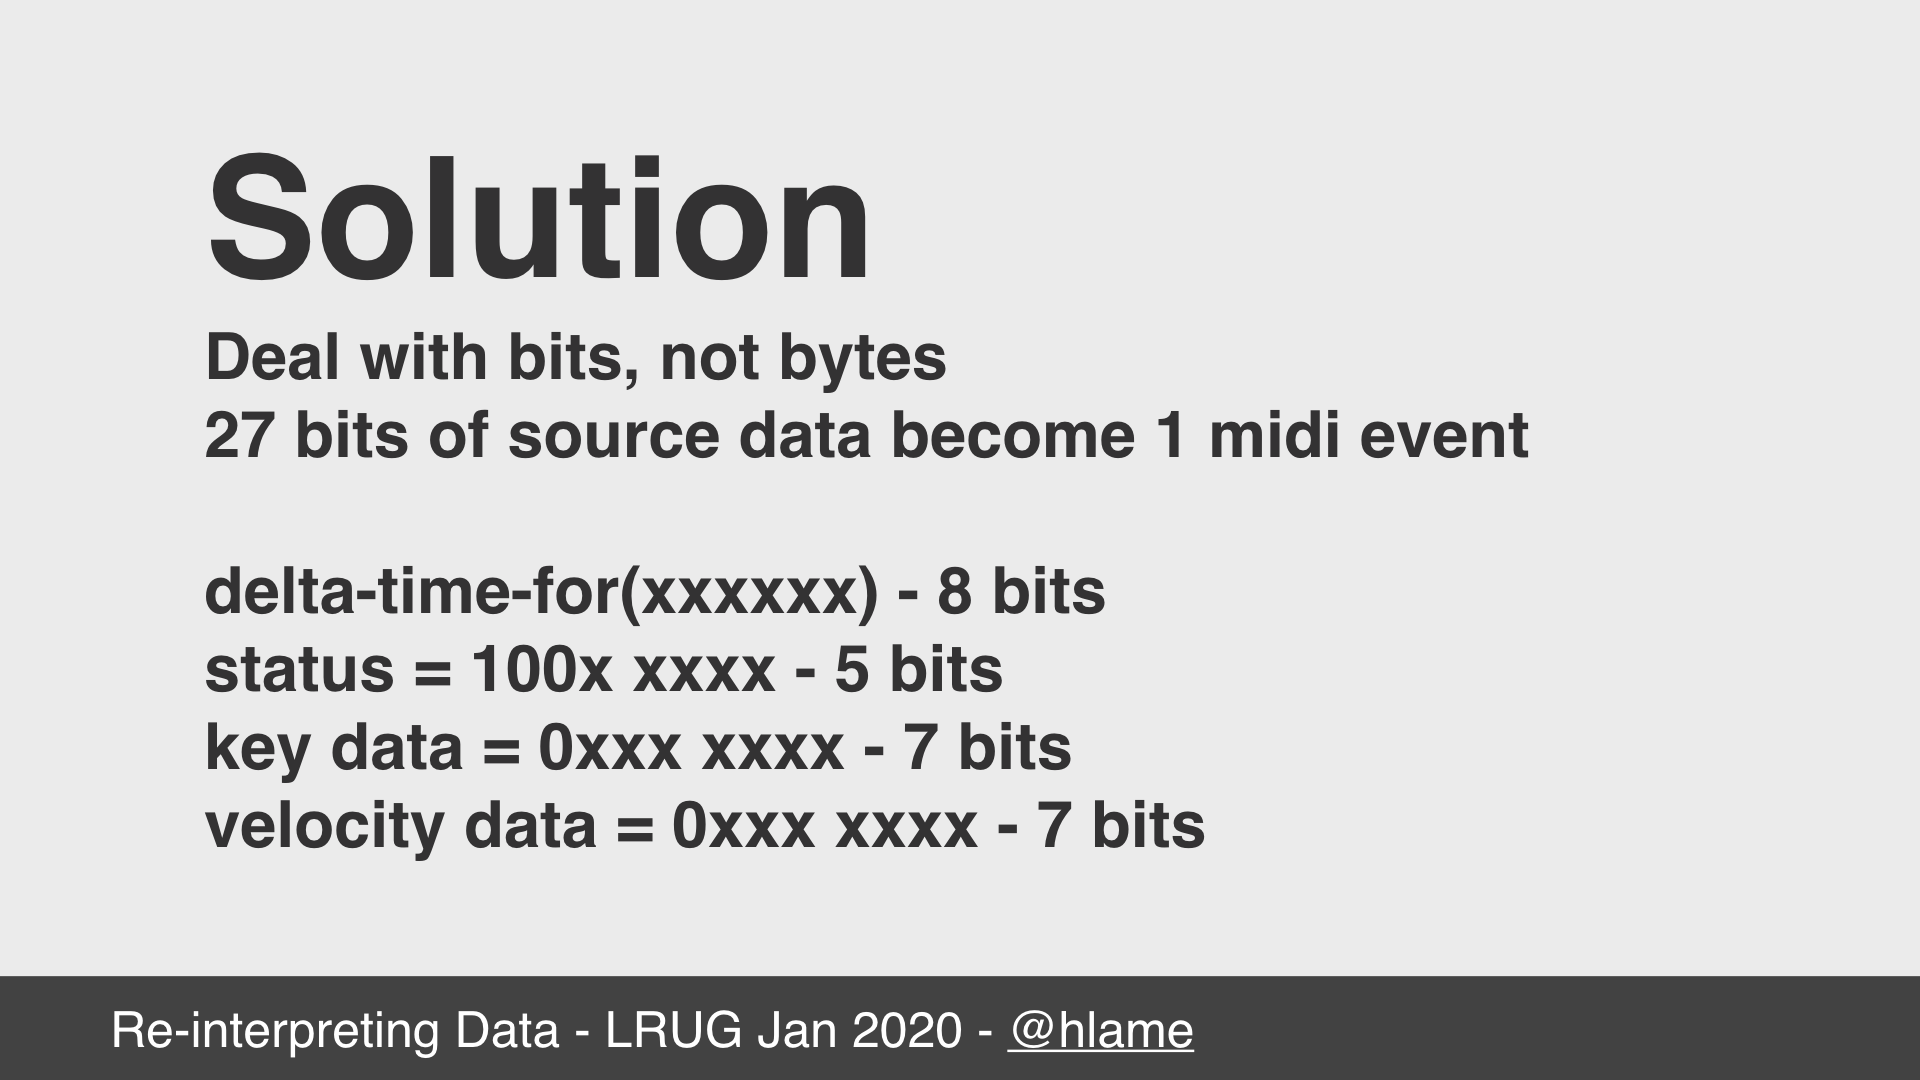 text: Solution; Deal with bits, not bytes; 27 bits of source data become 1 midi event; delta-time-for(xxxxxxxx) - 8 bits; status = 100x xxxx - 5 bits; key data = 0xxx xxxx - 7 bits; velocity data = 0xxx xxxx - 7 bits